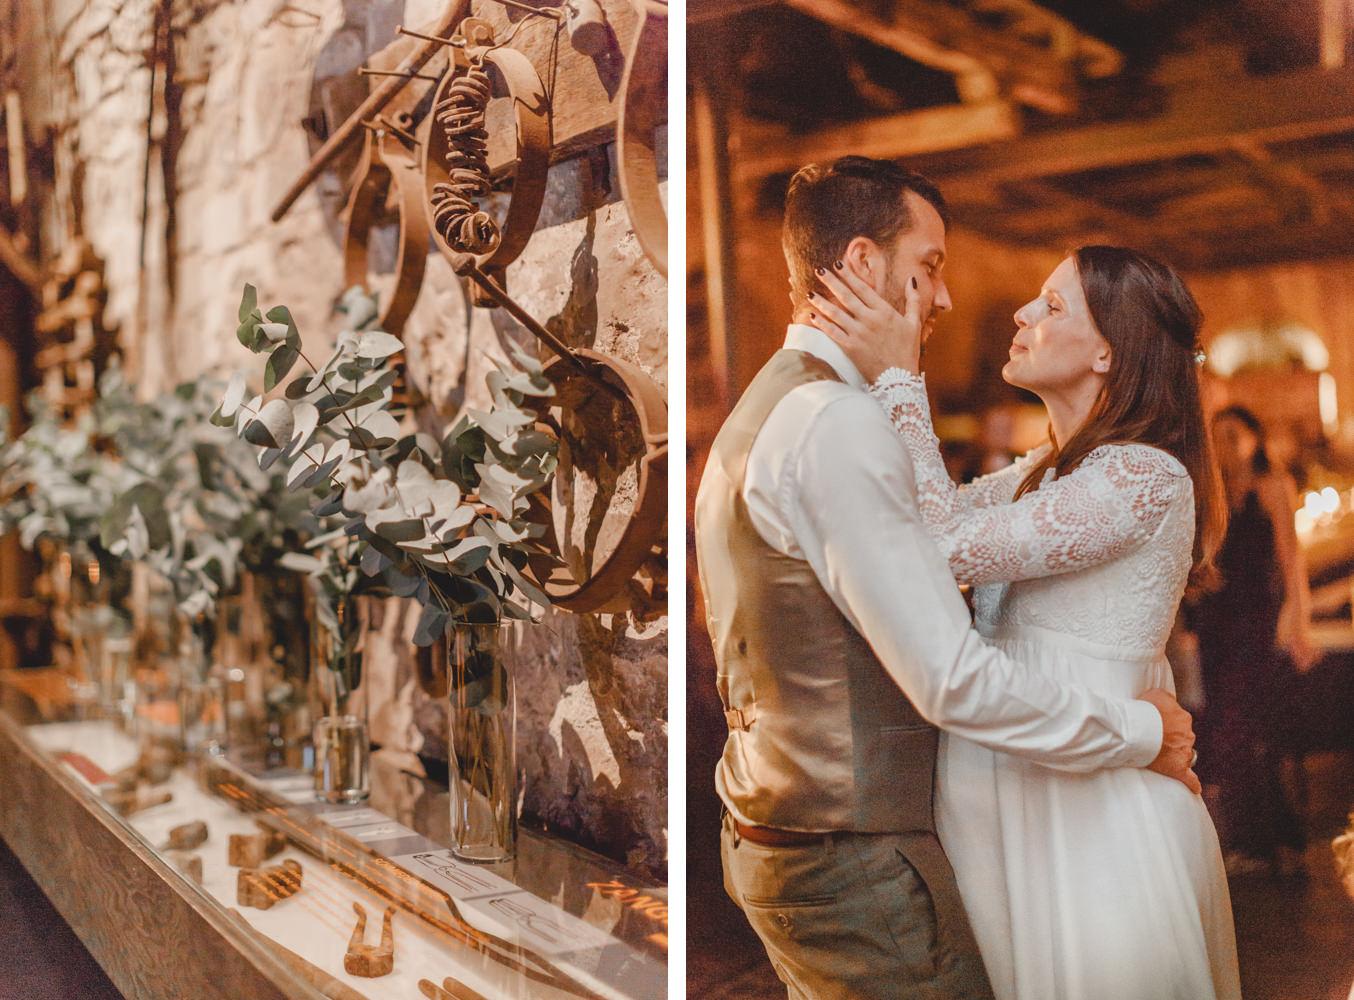 Hochzeitsvideo_Bina_Terre_224134